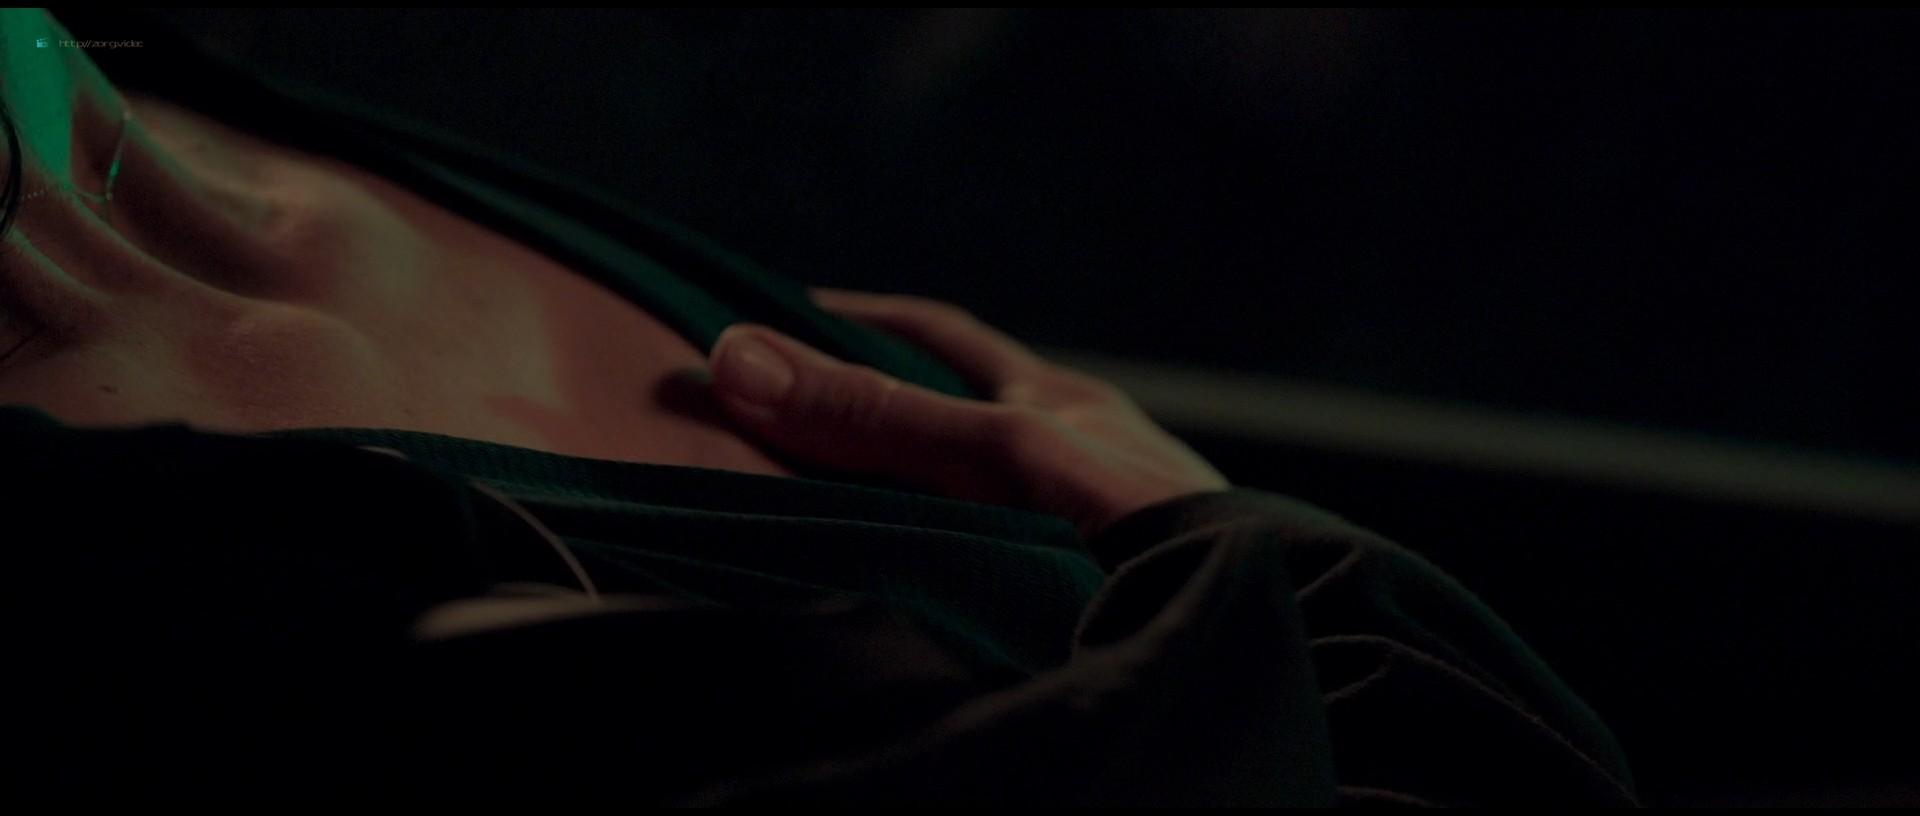 Juliette Binoche nude hot sex - Celle que vous croyez (FR-2019) 1080p BluRay (6)